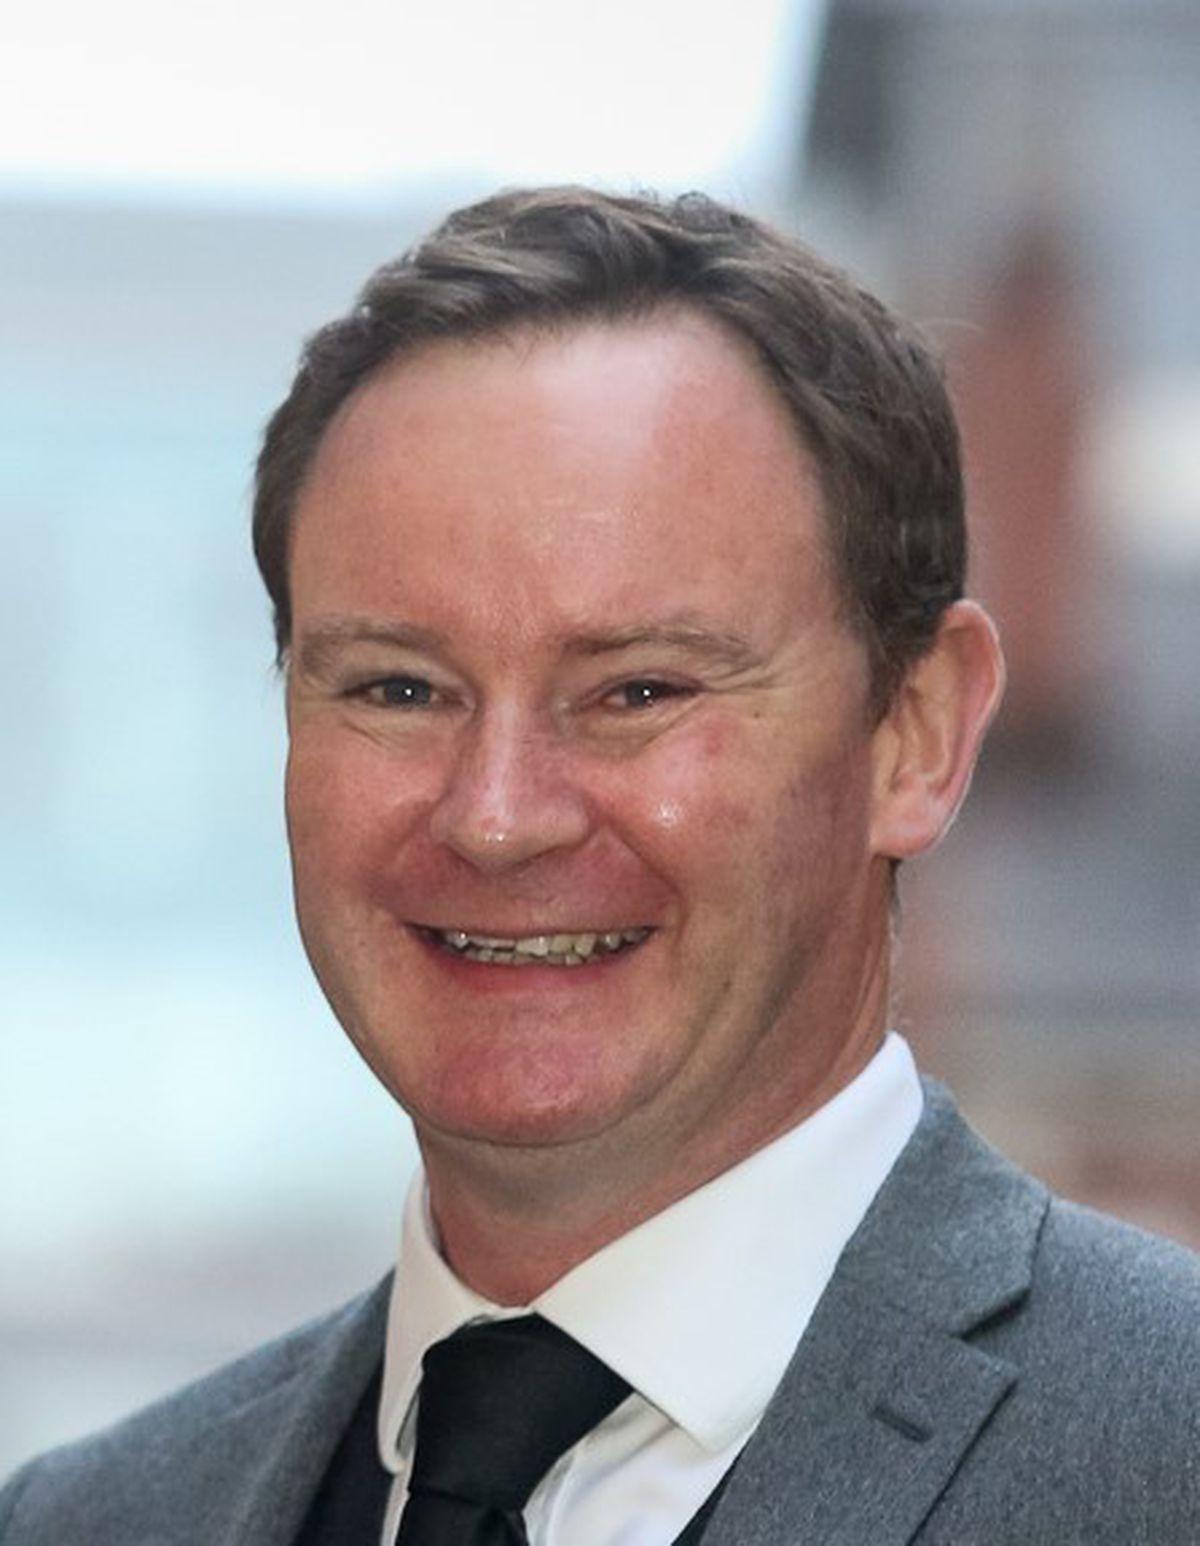 Ray O'Sullivan, director at mac-group